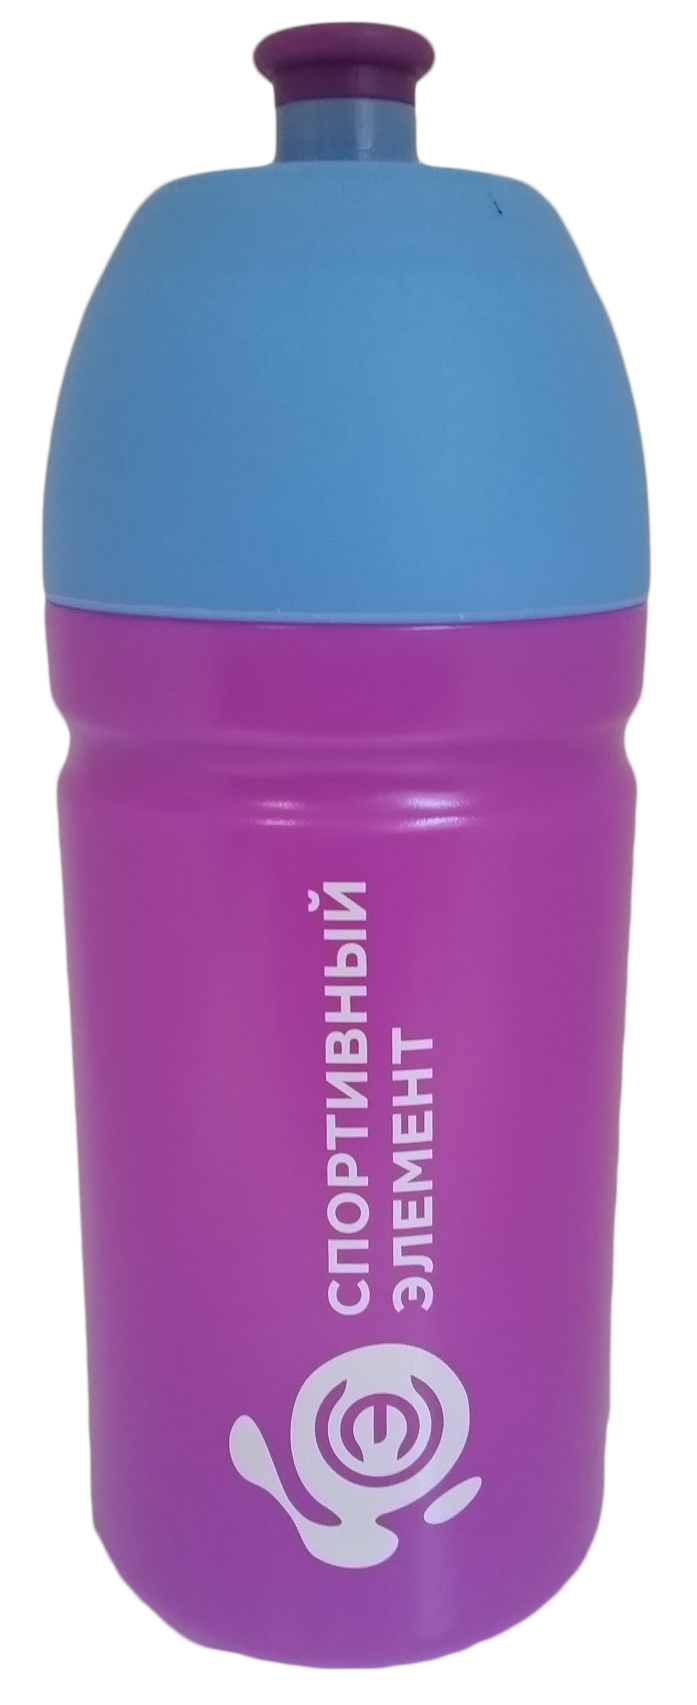 Спортивная бутылка Спортивный элемент Аметист, 500 мл. S24-500SF 0085Бутылка для воды Спортивный элемент , изготовленная из высококачественного пластика, оснащена крышкой, которая плотно и герметично закрывается, сохраняя свежесть и изначальную температуру напитка. Мягкий силиконовый носик бутылки предотвращает проливание и безопасен для зубов и десен. Изделие прекрасно подойдет для использования в жаркую погоду: вода долго сохраняет первоначальные свойства и вкусовые качества. При необходимости в бутылку можно наливать витаминизированные напитки, соки или протеиновые коктейли. Такую бутылку можно без опаски положить в рюкзак, закрепить на поясе или велосипедной раме. Она пригодится как на тренировках, так и в походах или просто на прогулке.